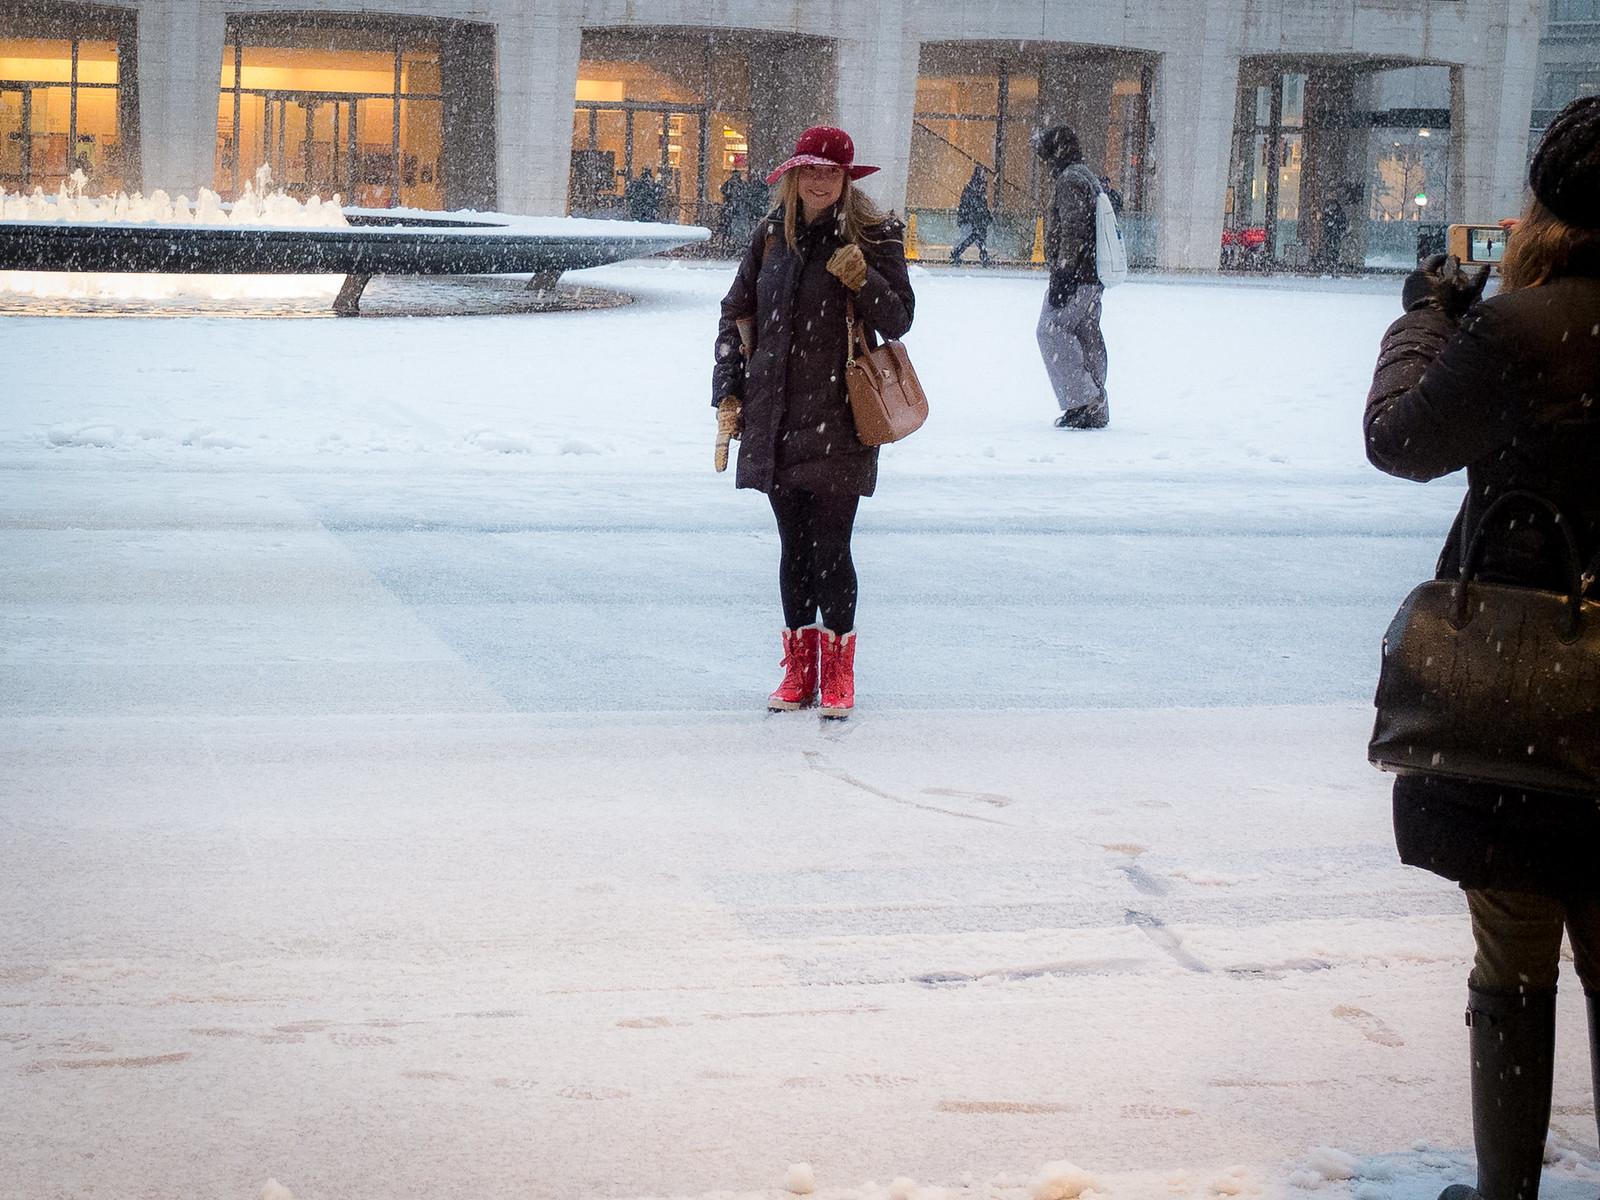 Red Had, Snowfall by wwward0